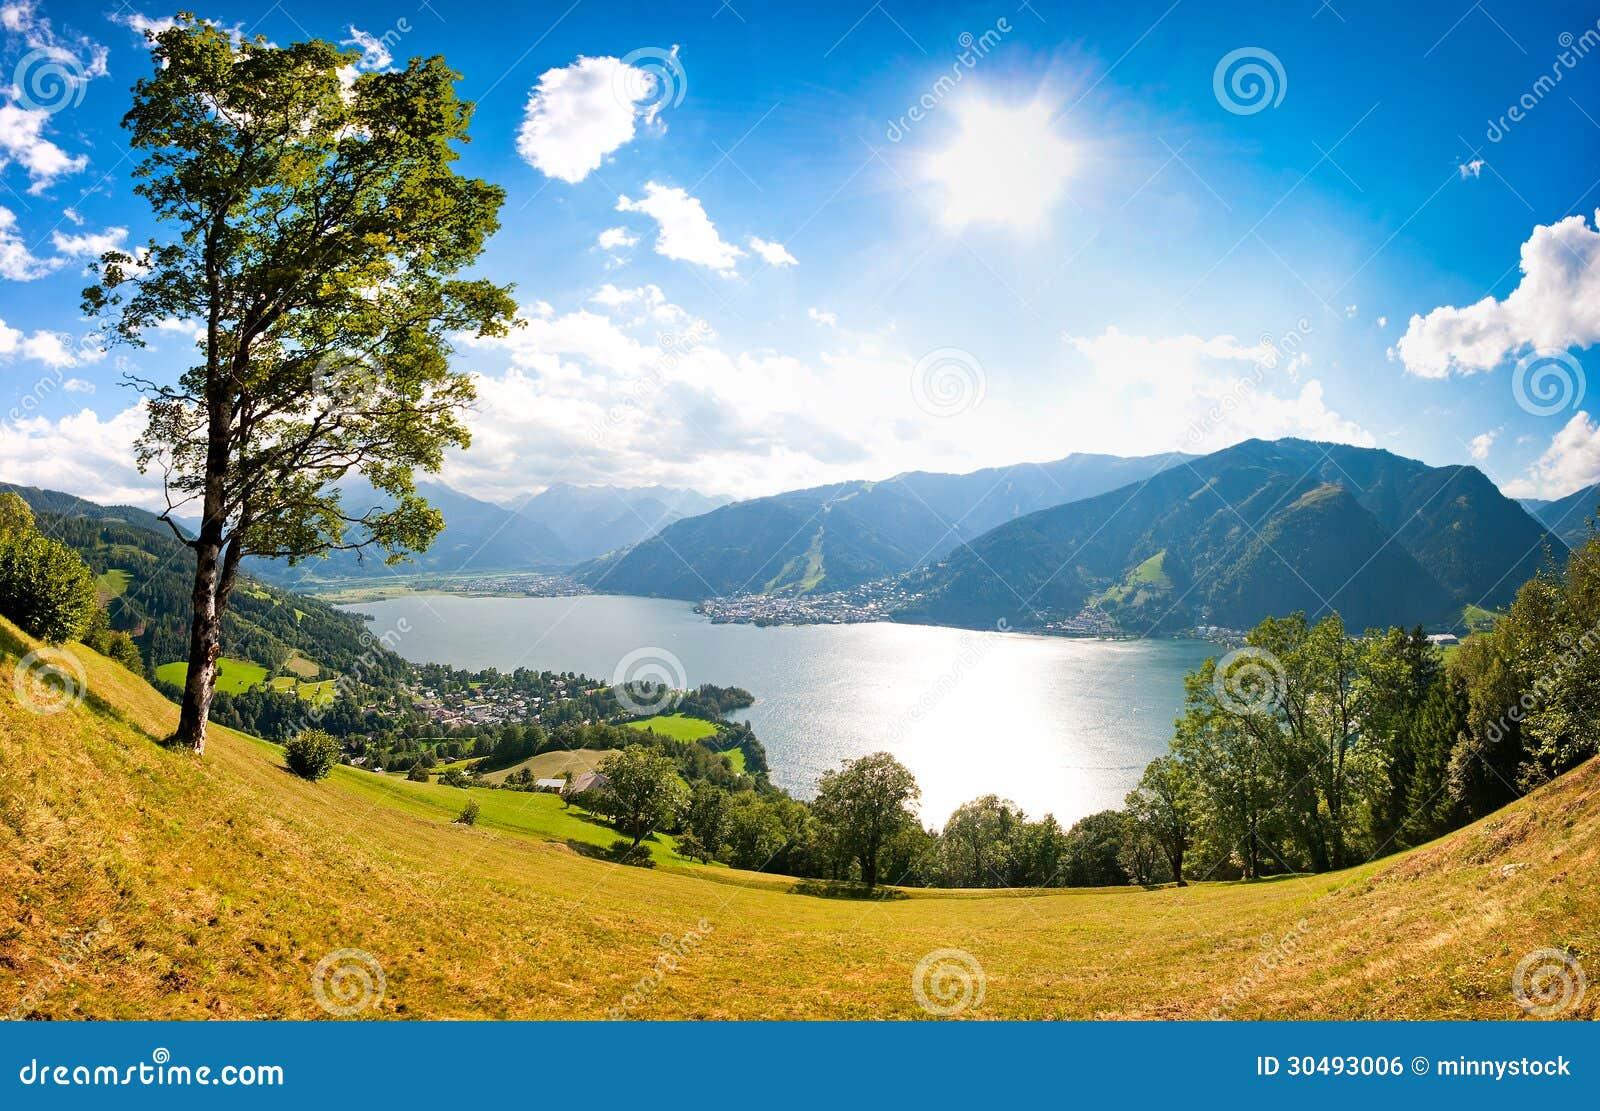 La vista panorámica de la ciudad de Zell considera, Austria